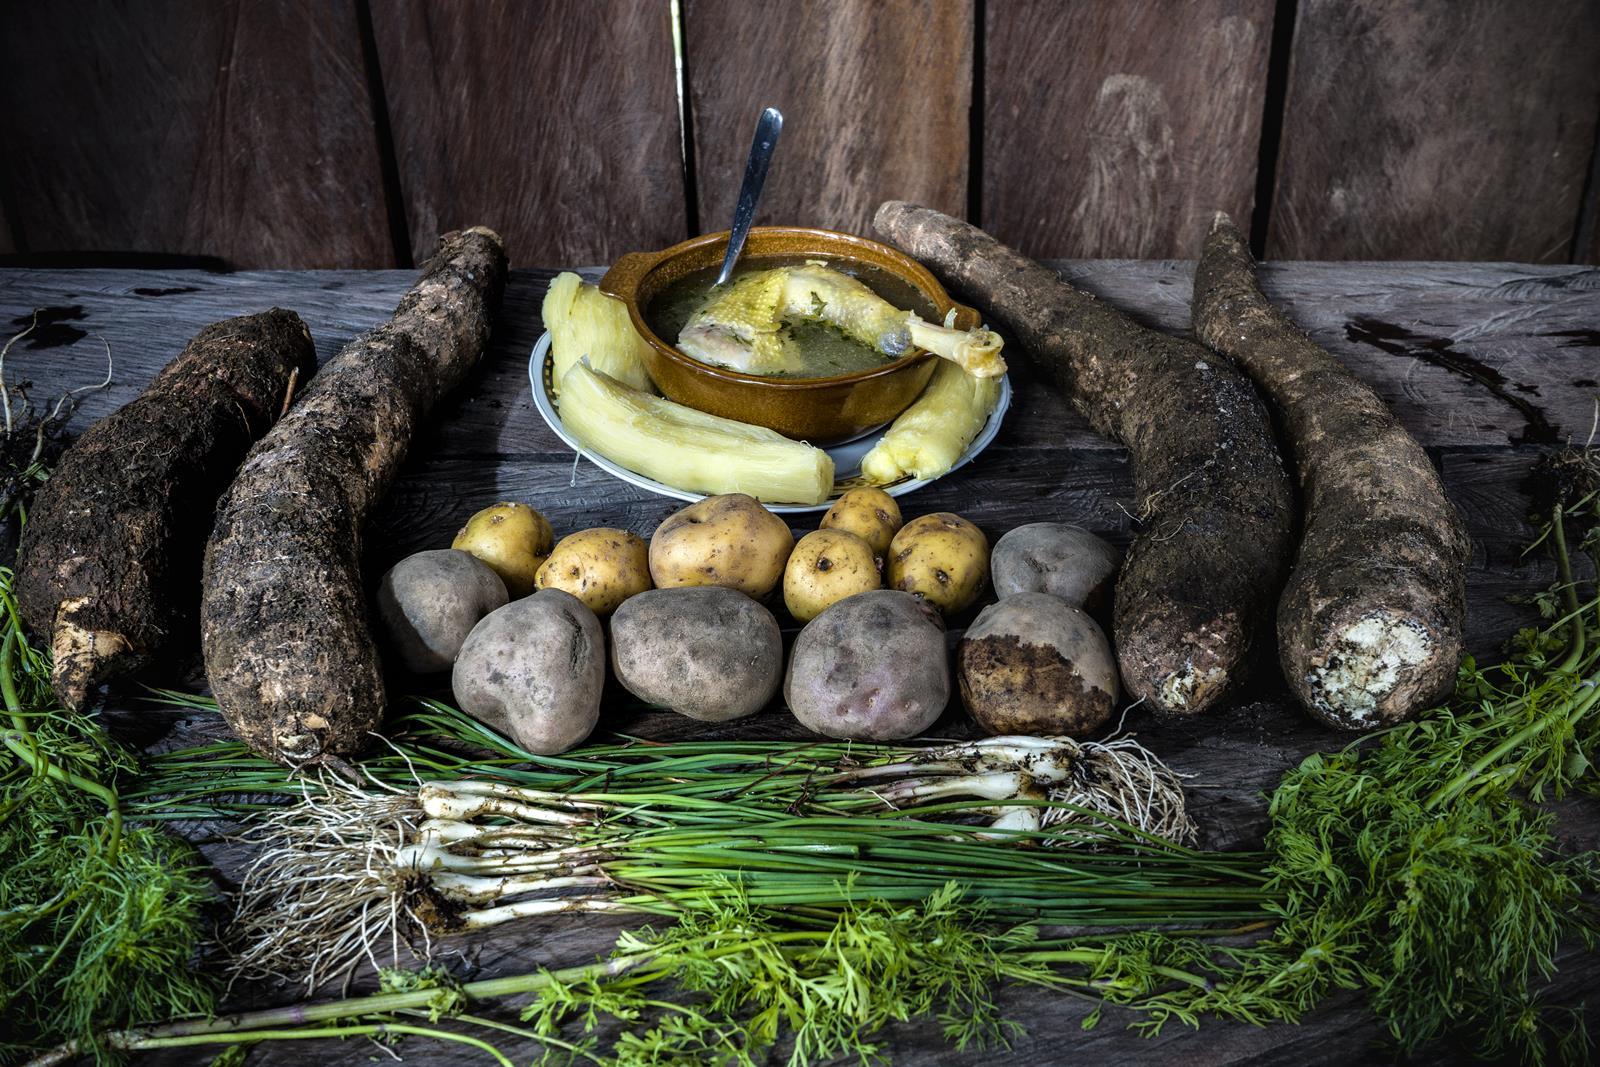 Ingredientes: Cebolla larga, cebolla peruana, yuca, papa parda, papa amarilla, cilantro y pollo de campo.